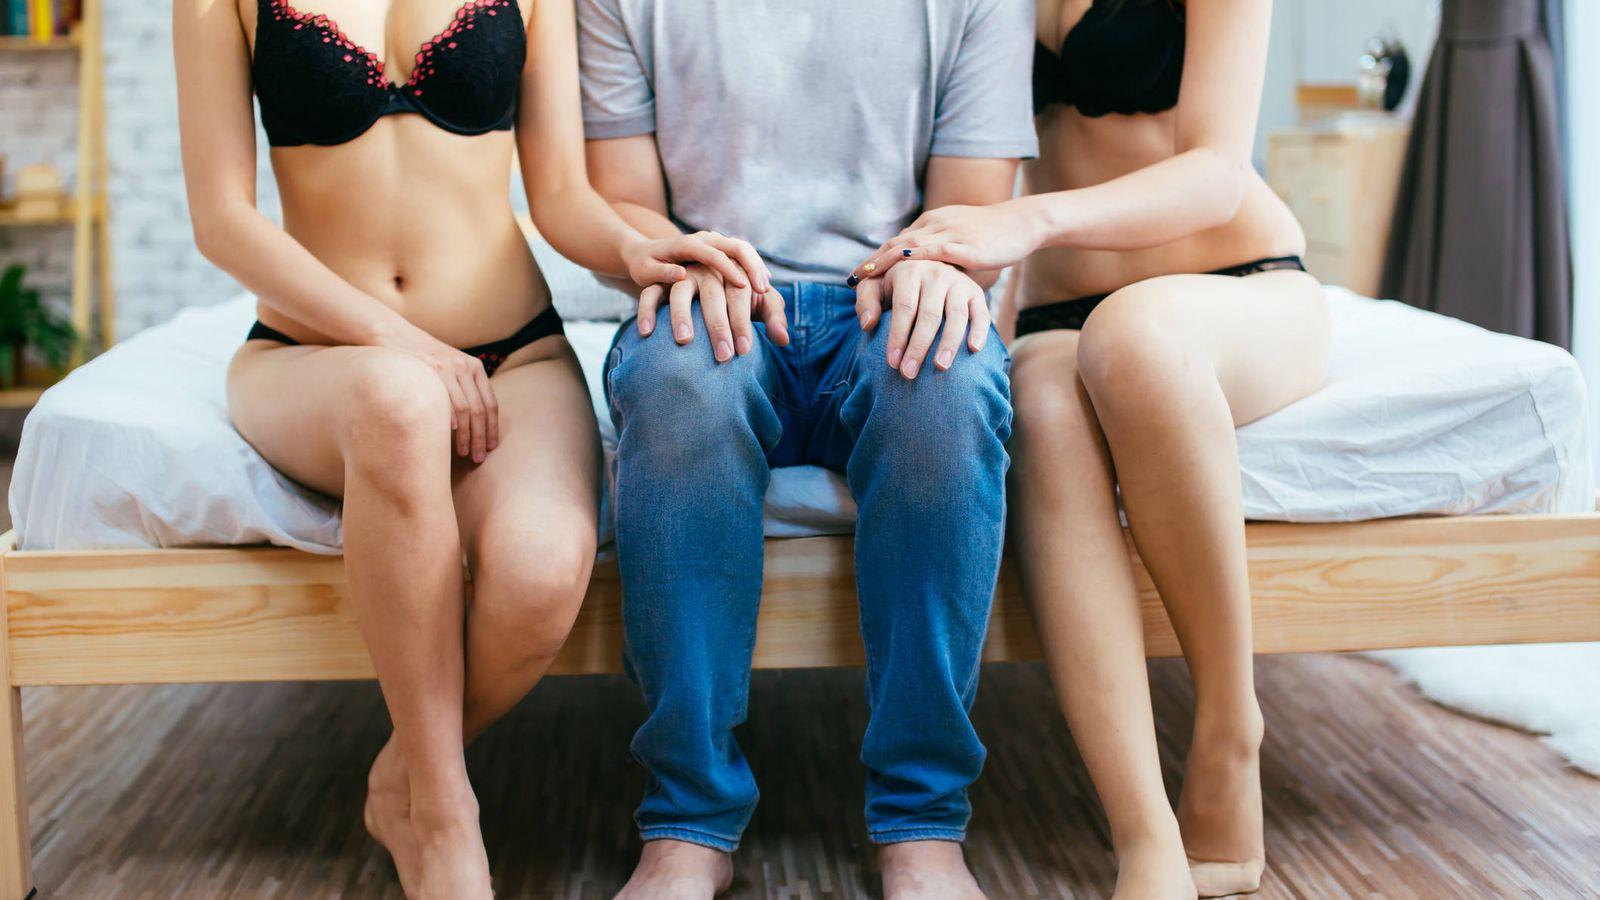 Sexo Así Es Hacer Un Trío Con Una Amiga Explicado Por